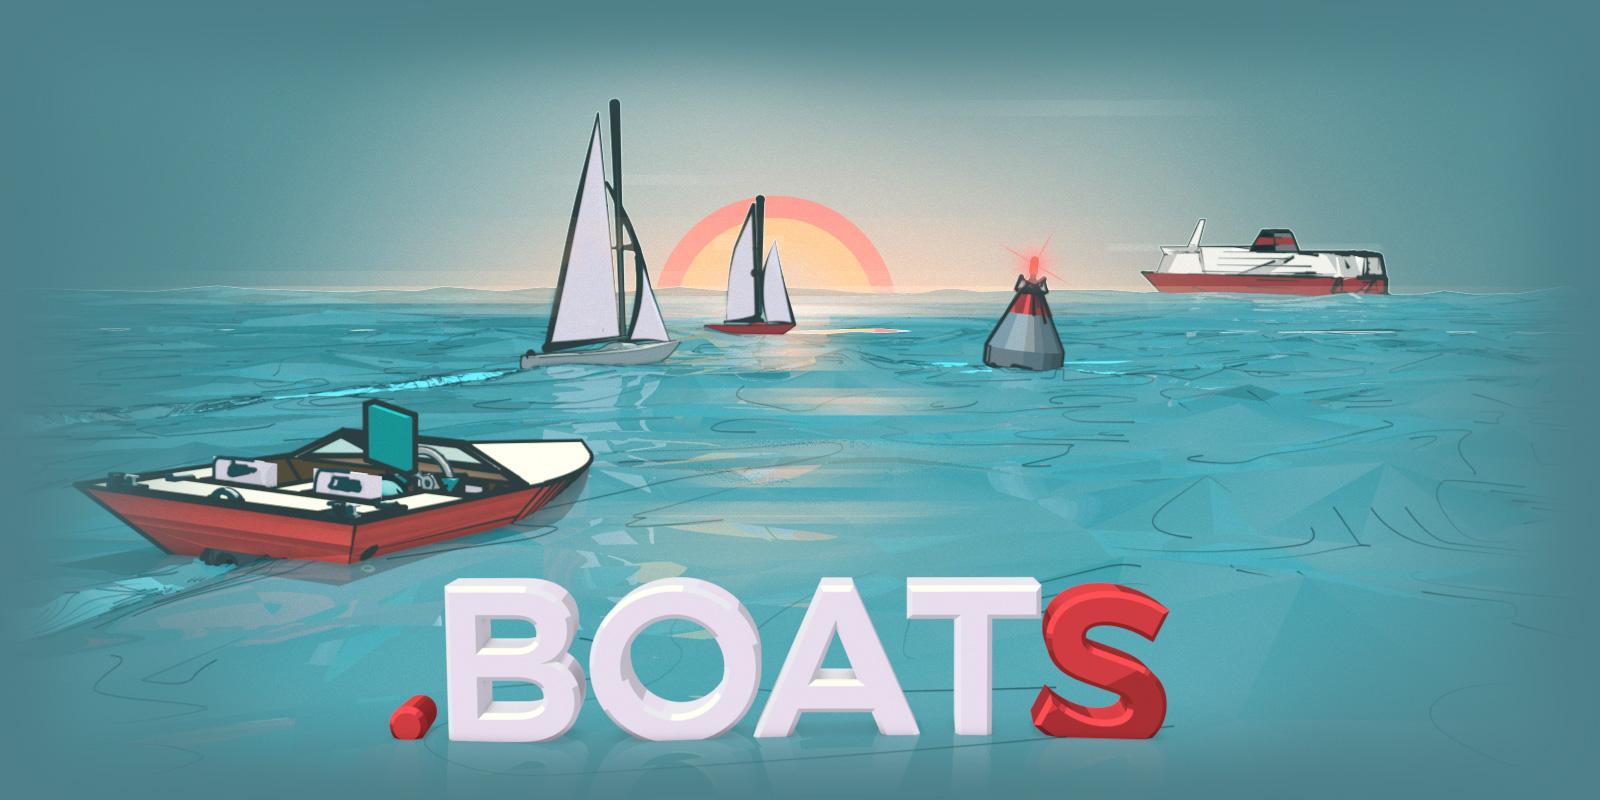 現在起至 5 月 16 為止,用半價就可以買到一艘船(.BOATS)